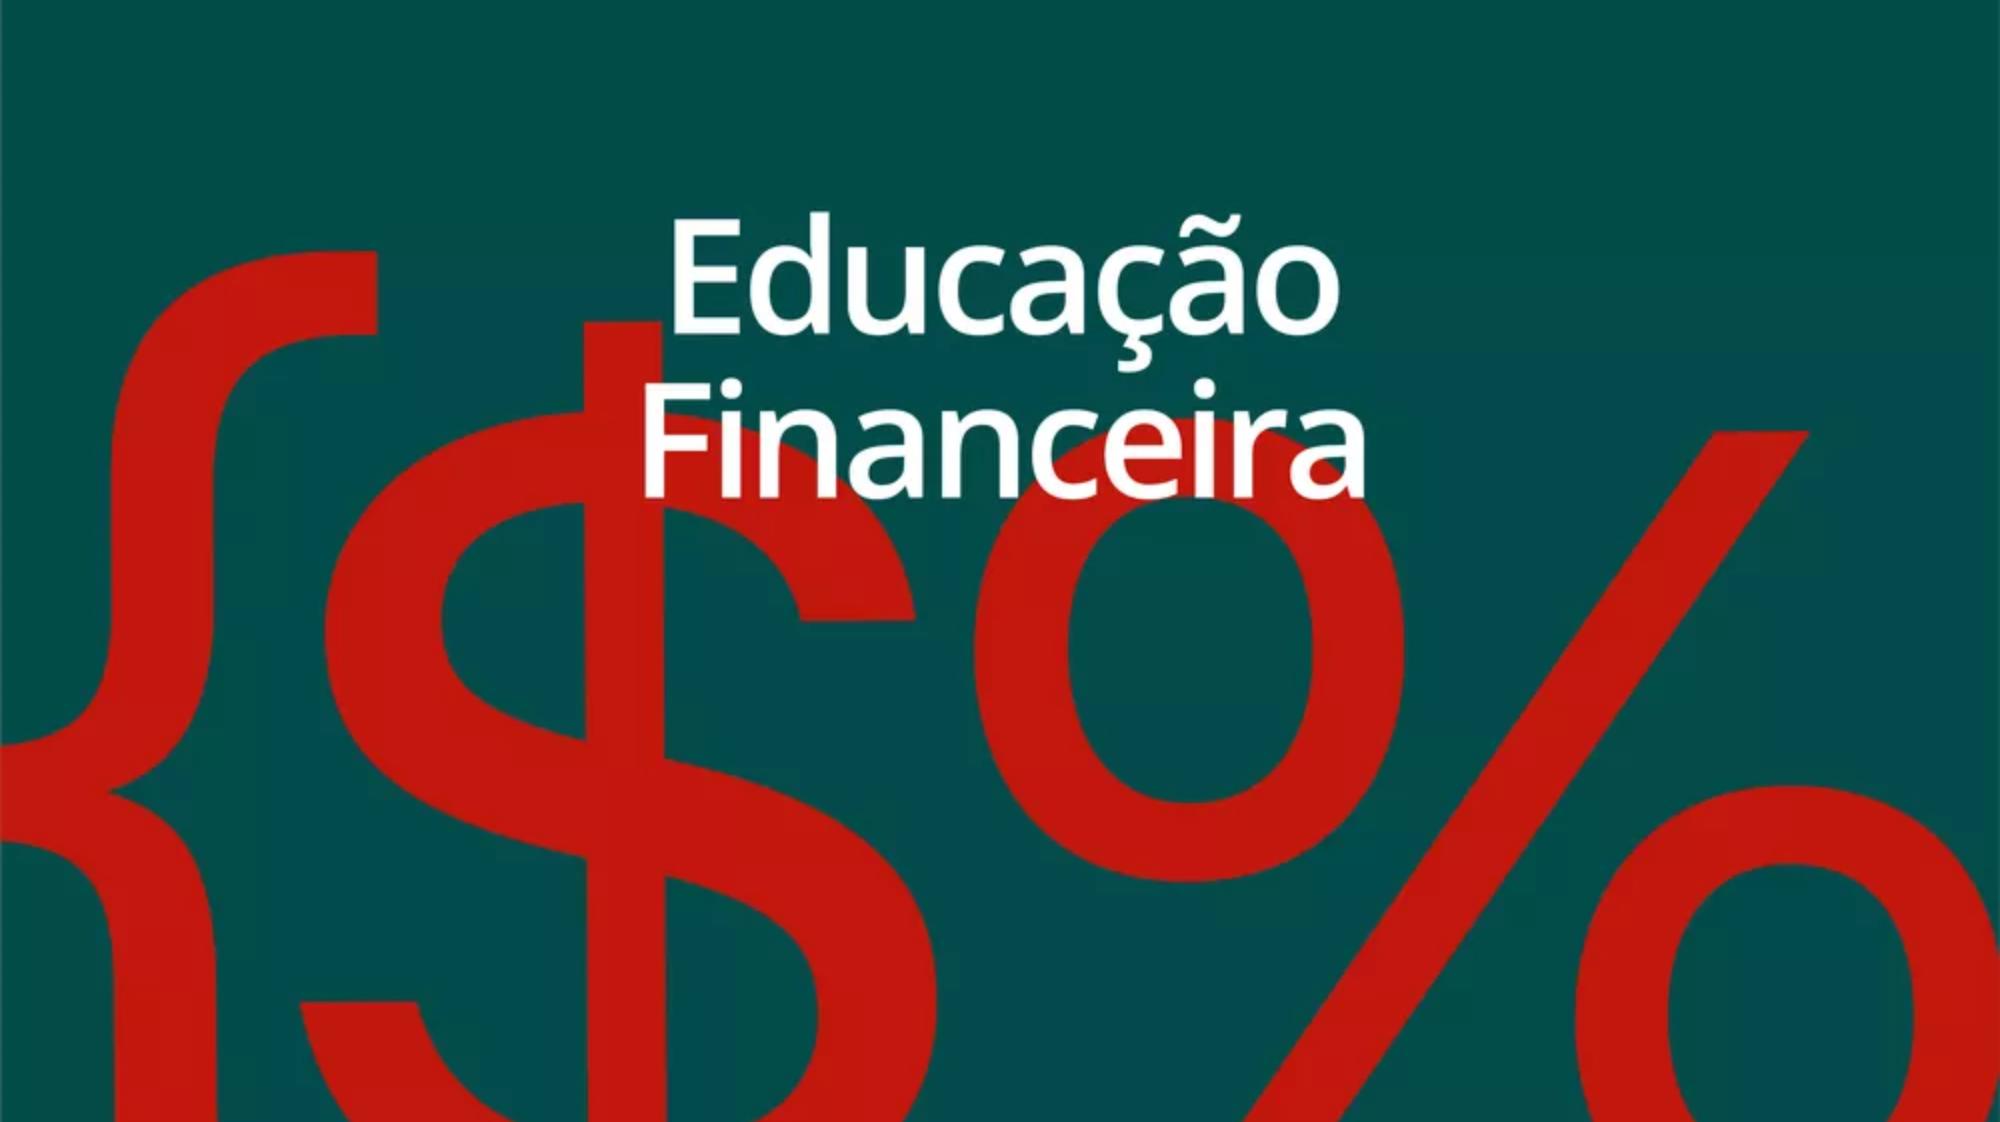 Educação Financeira: Esteja pronto para economizar e investir em 2021